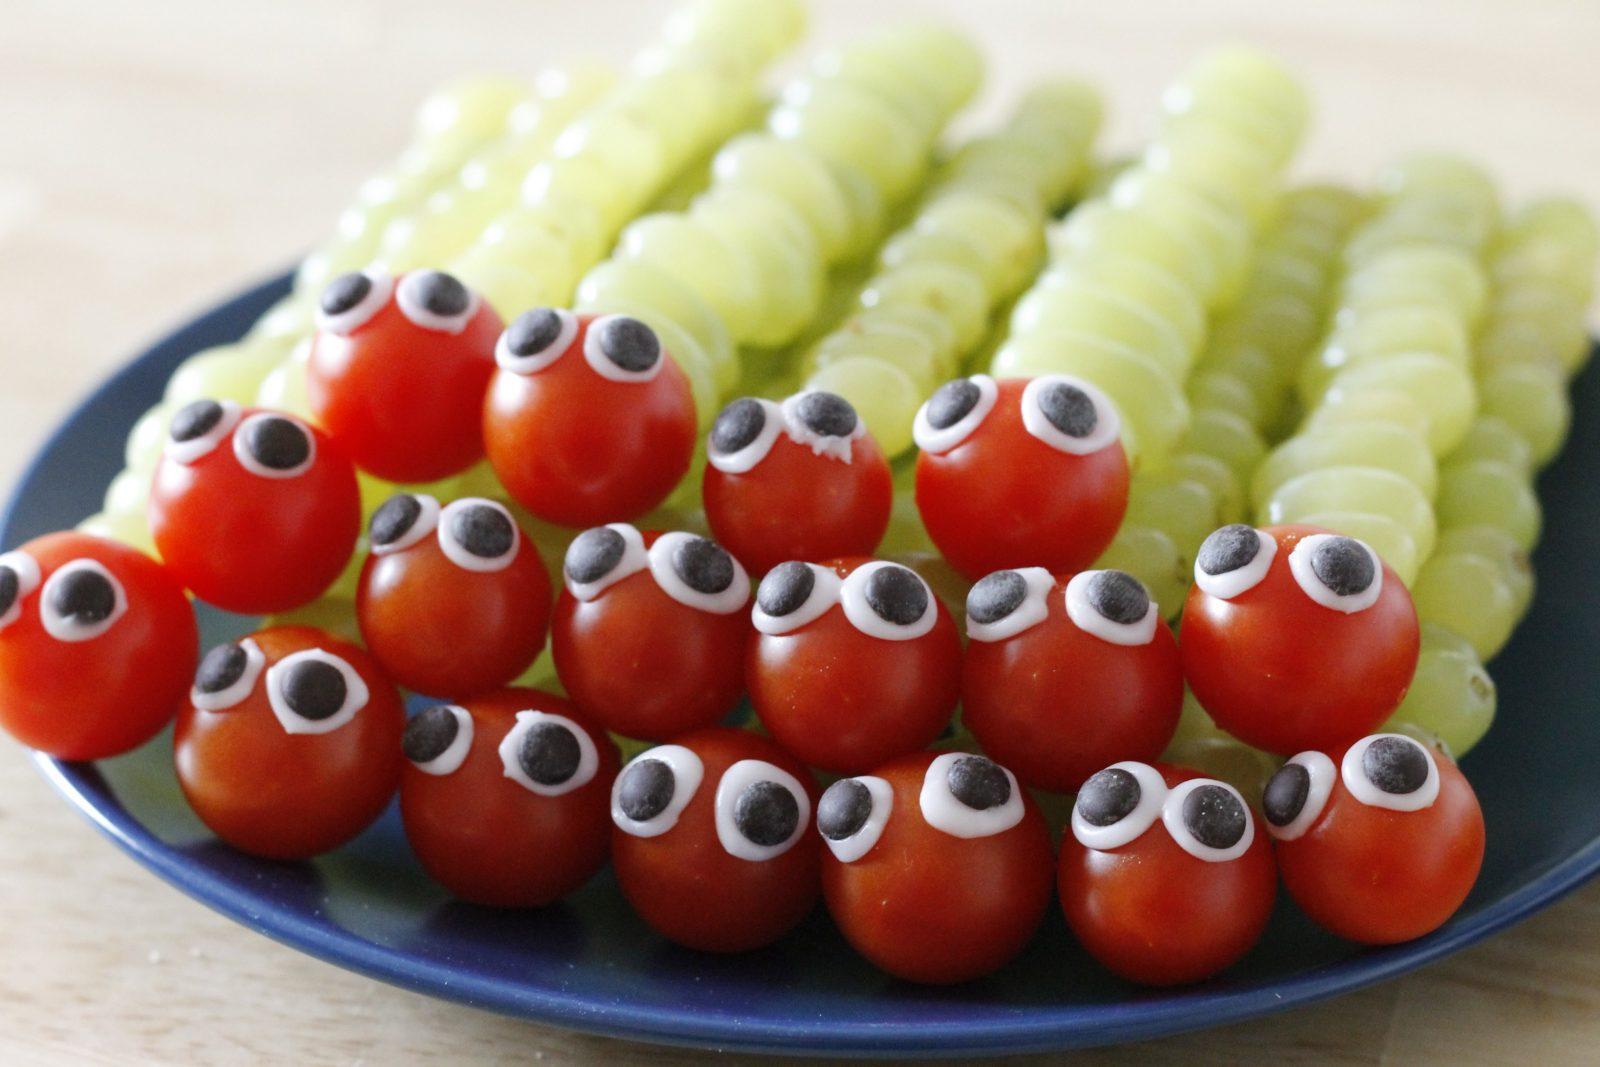 Regenbogen Einhorn Geburtstag Deko Spiele  Kuchen Für Konzept Obst von Obst Deko Für Kindergeburtstag Photo